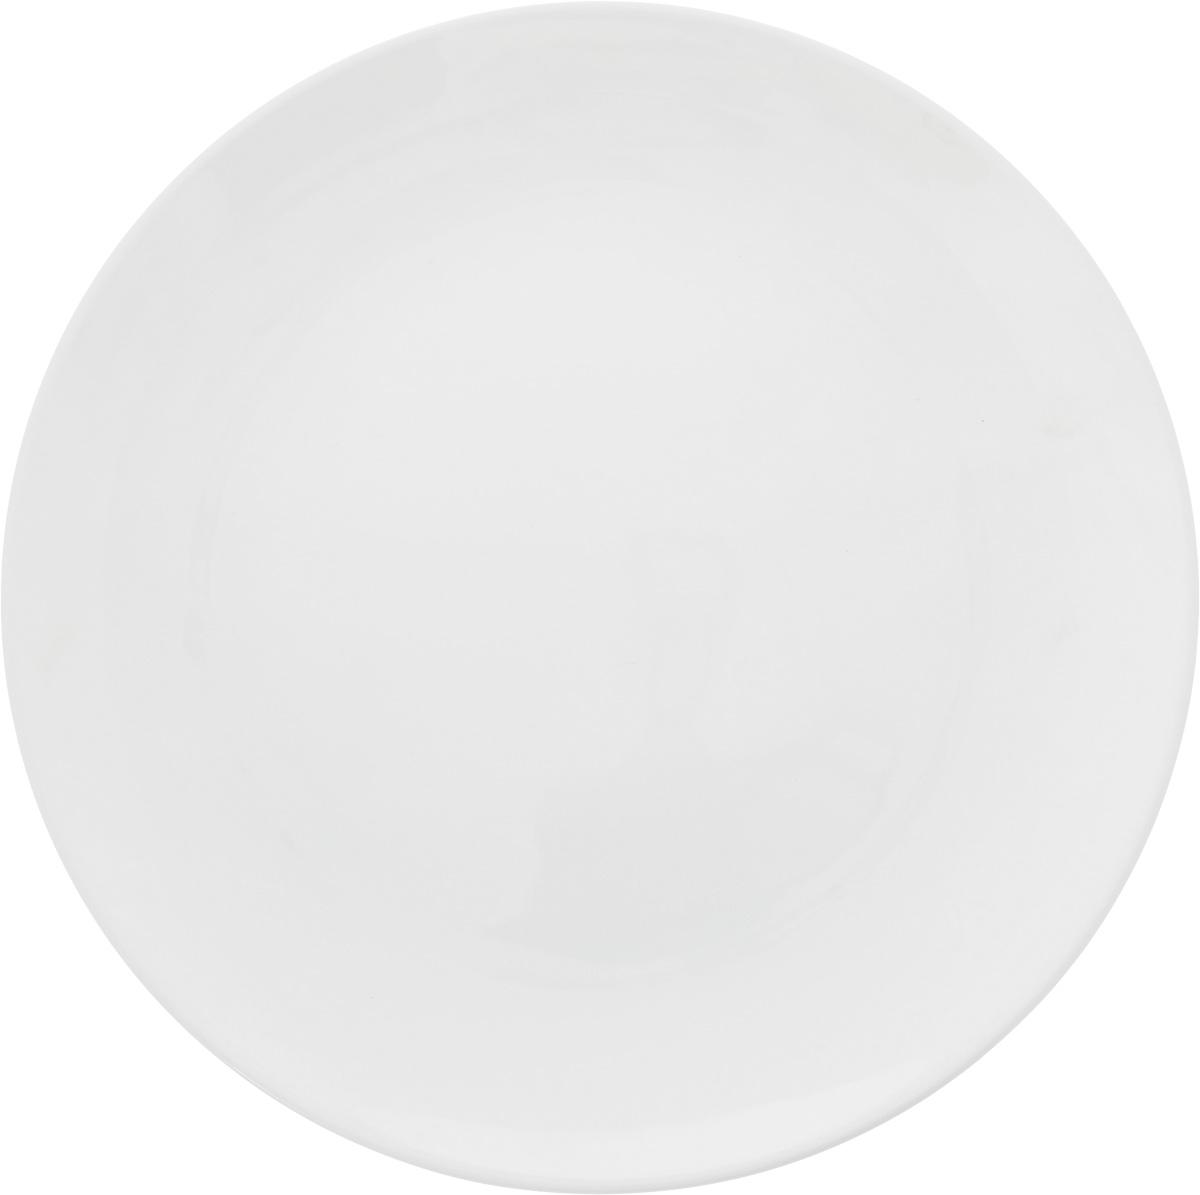 Тарелка Ariane Коуп, диаметр 24 см. AVCARN11024AVCARN11024Тарелка Ariane Коуп, изготовленная из высококачественного фарфора, имеет классическую круглую форму. Такая тарелка отлично подойдет в качестве блюда для закусок и нарезок, а также для подачи различных десертов. Изделие прекрасно впишется в интерьер вашей кухни и станет достойным дополнением к кухонному инвентарю. Тарелка Ariane Коуп подчеркнет прекрасный вкус хозяйки и станет отличным подарком.Можно мыть в посудомоечной машине и использовать в микроволновой печи. Высота: 2 см.Диаметр тарелки: 24 см.